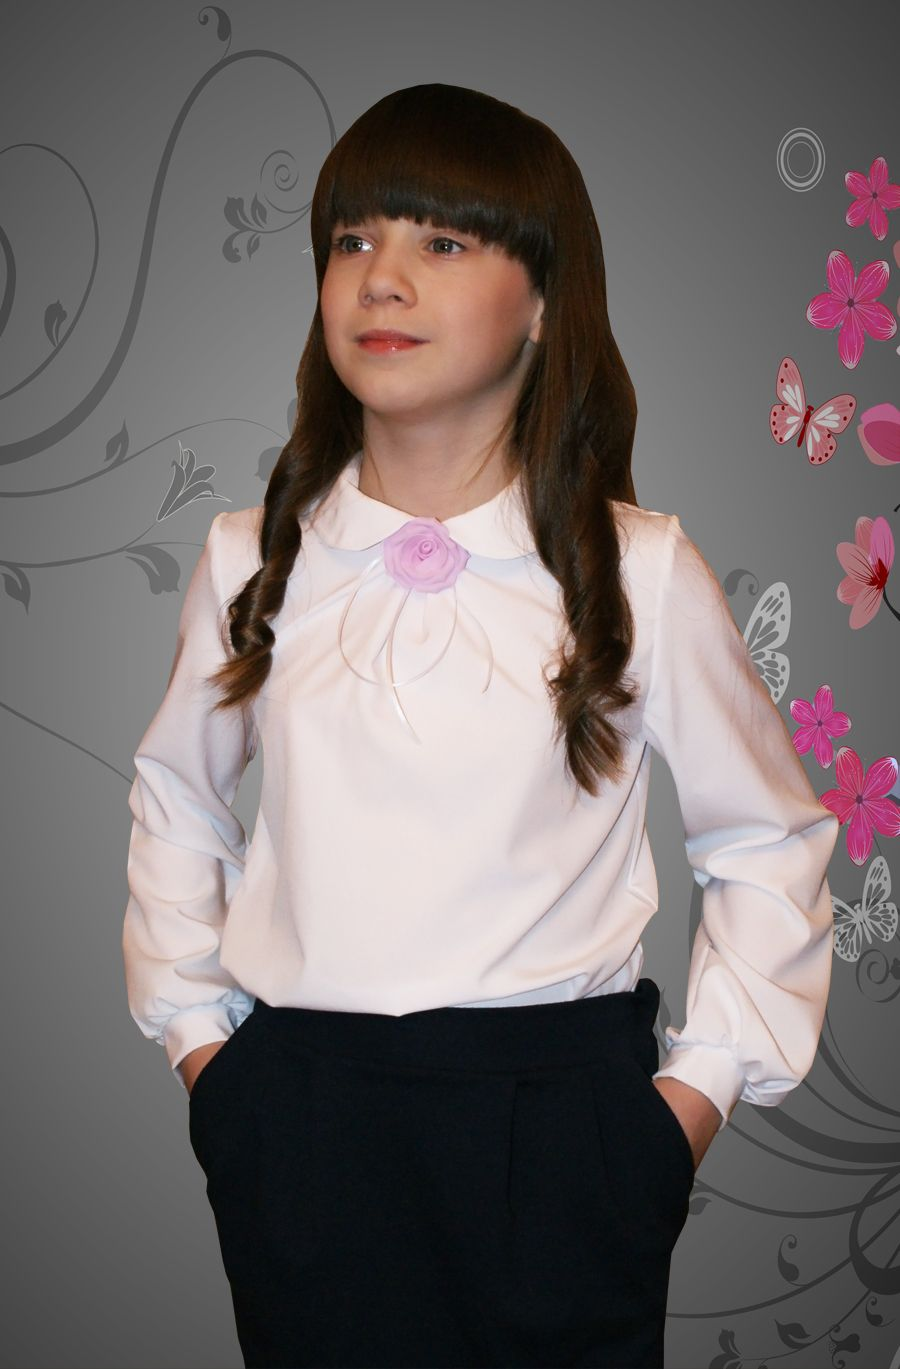 Сбор заказов-9. Нарядные школьные блузки и водолазки без рядов. Одежда для мальчиков.